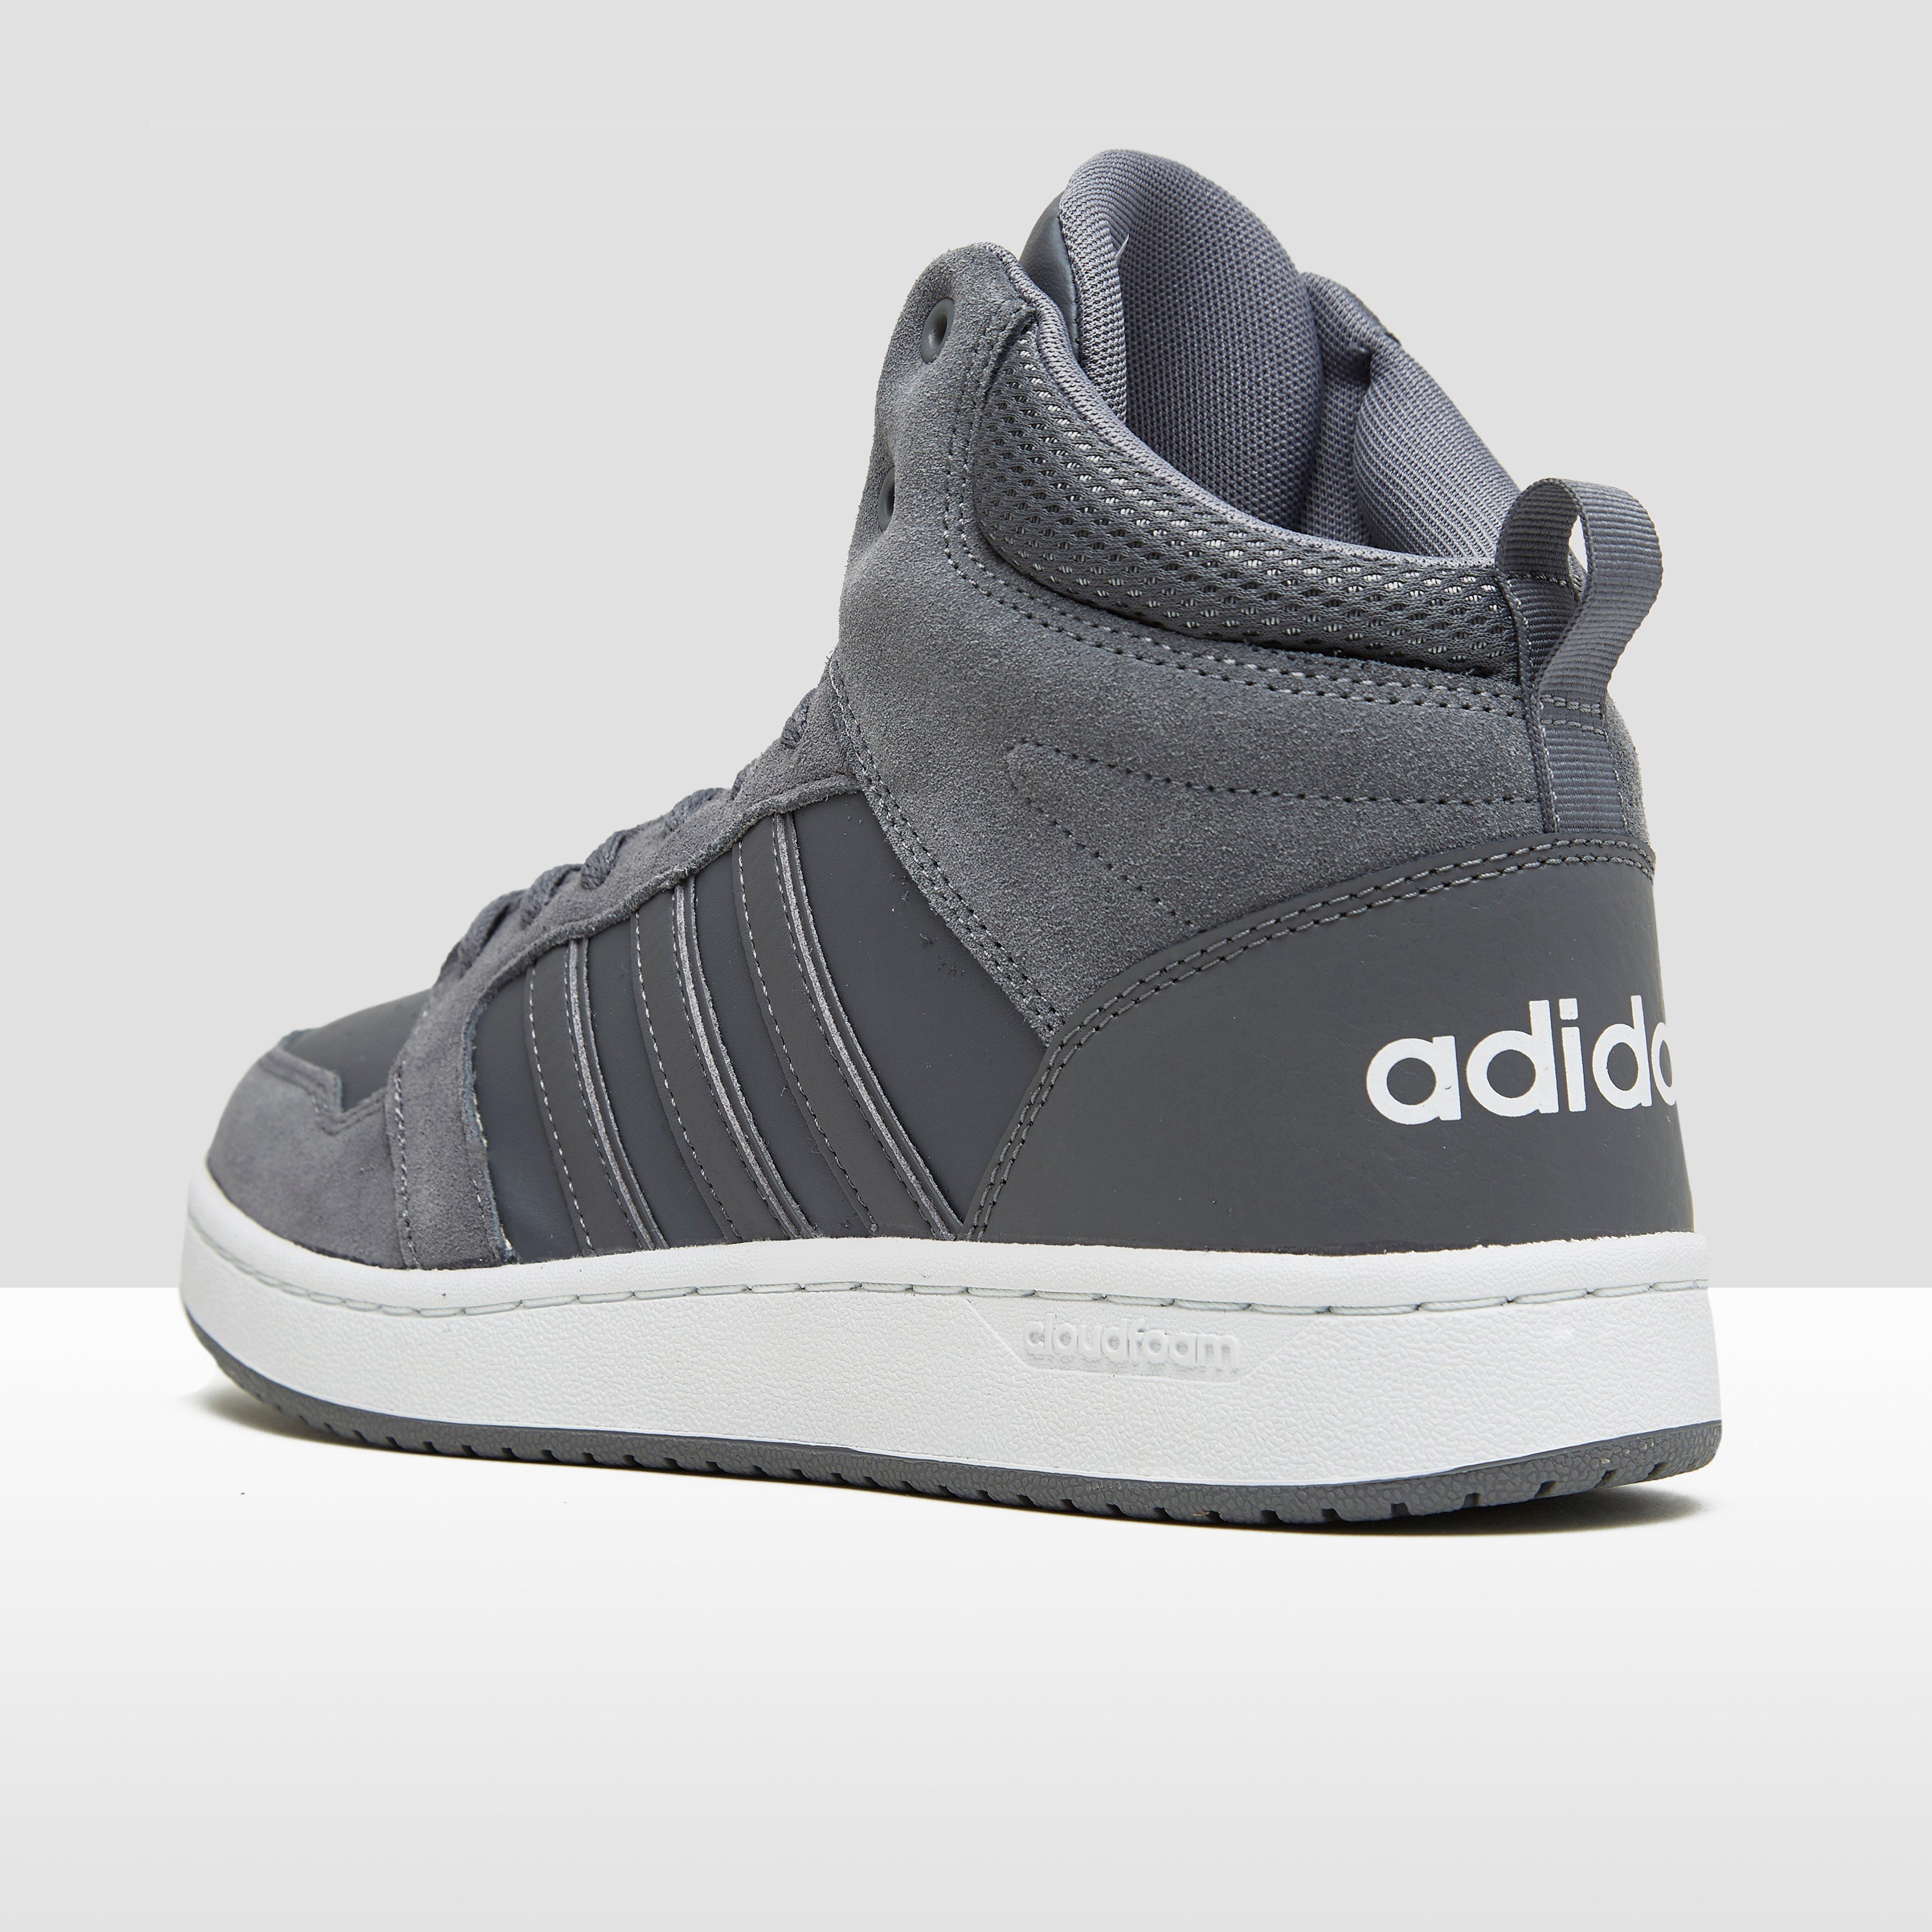 Gris Adidas Chaussures Cerceaux Pour Les Hommes rt9gkEYQK